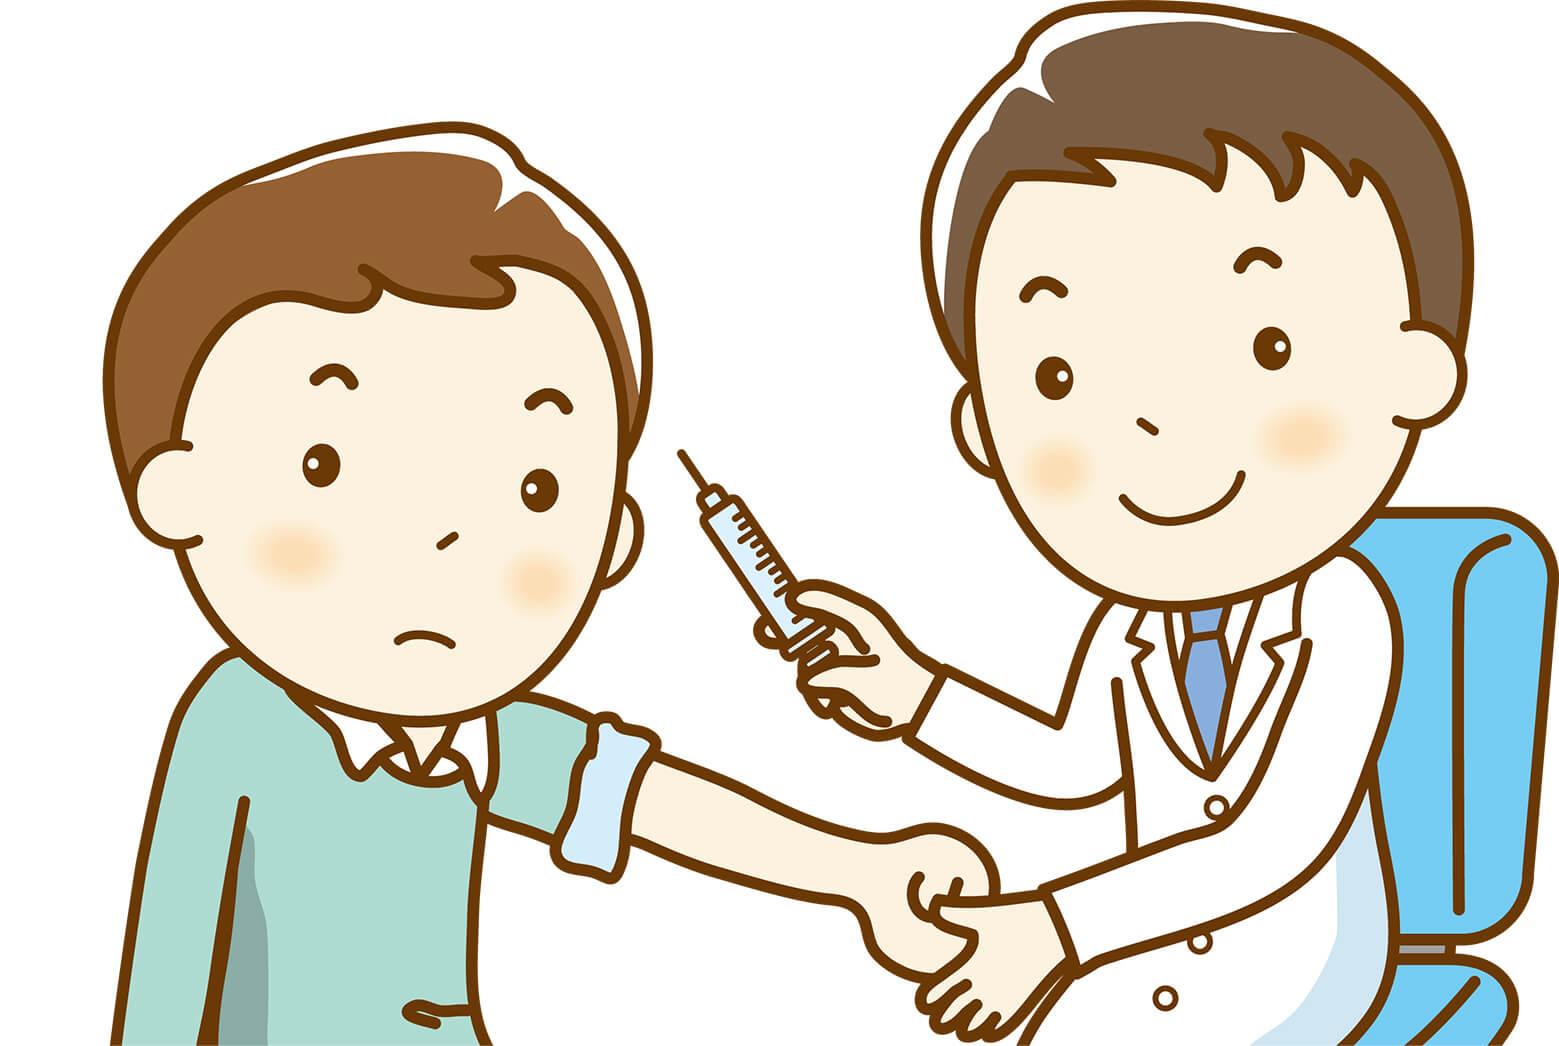 高齢者は確認を!インフルエンザの予防接種に自治体の補助があるケース class=